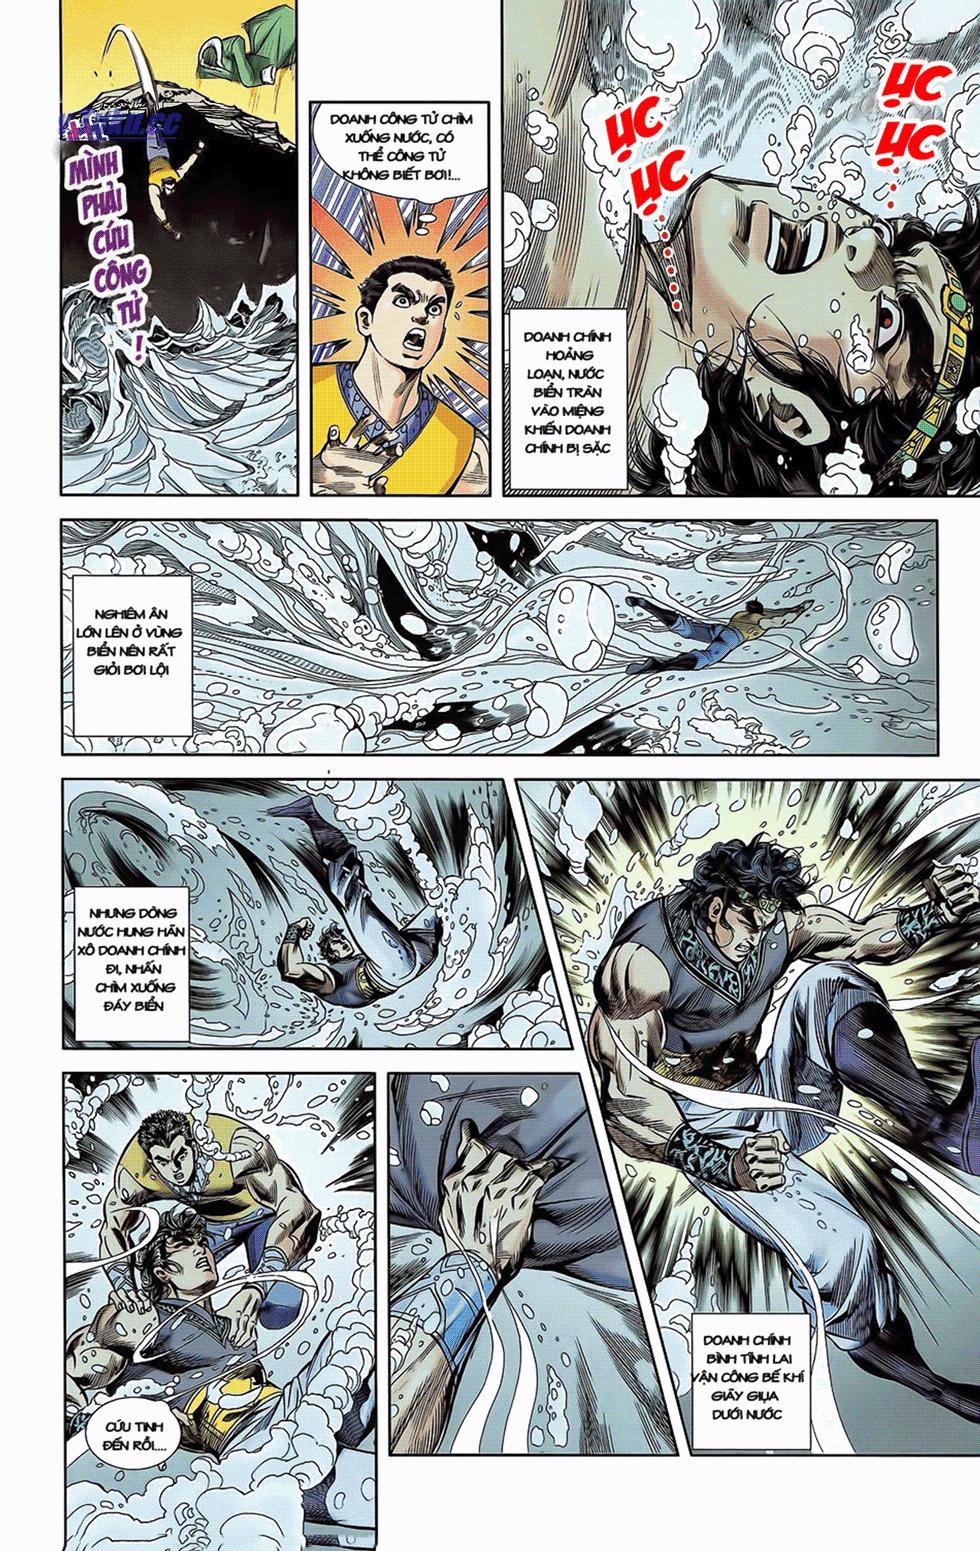 Tần Vương Doanh Chính chapter 6 trang 4